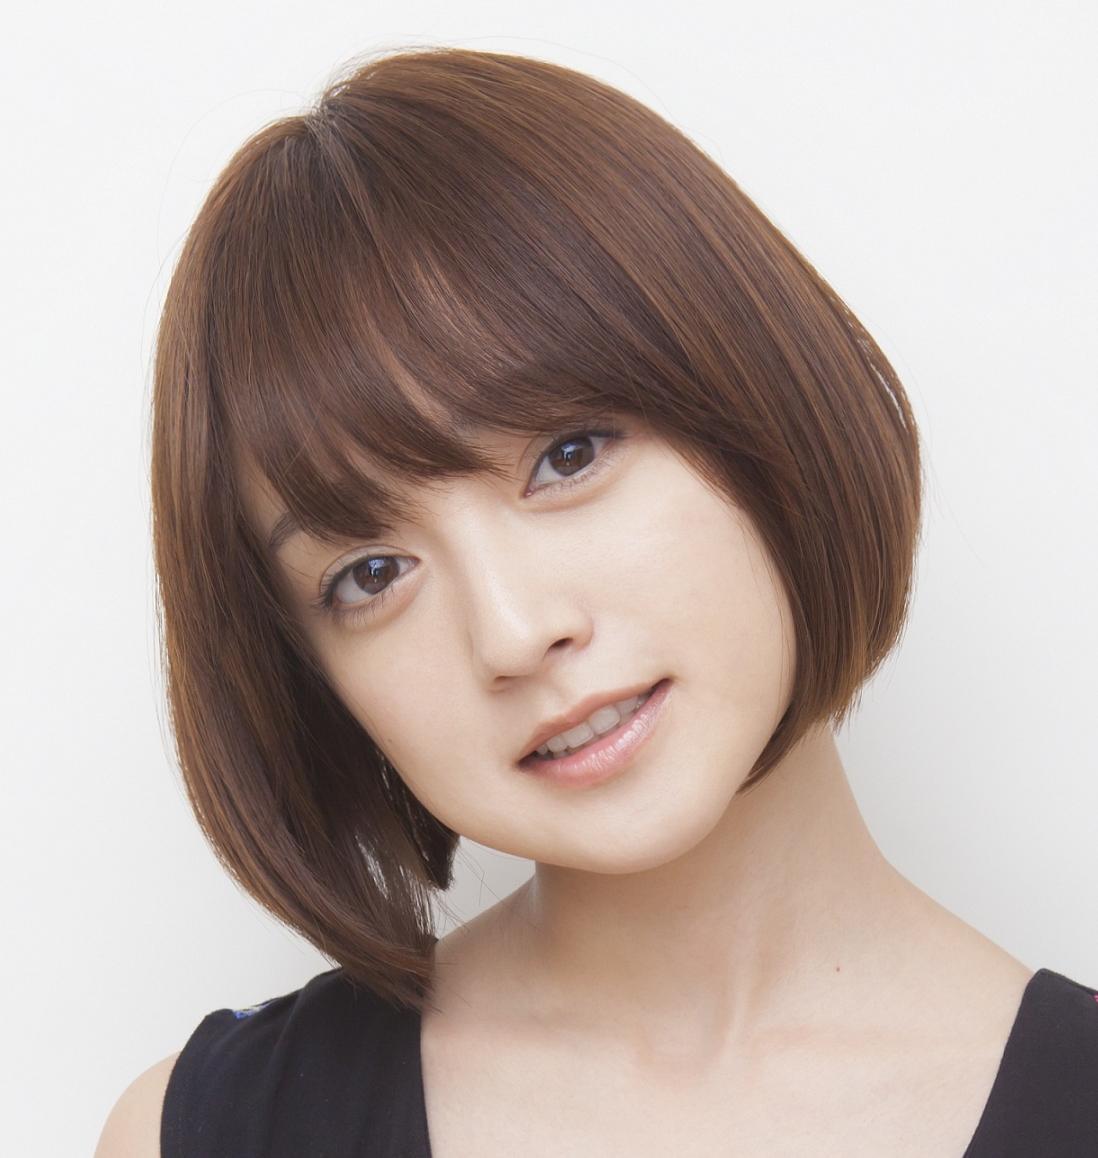 元人気子役安達祐実さんの母親、タレントの安達有里とは!?のサムネイル画像